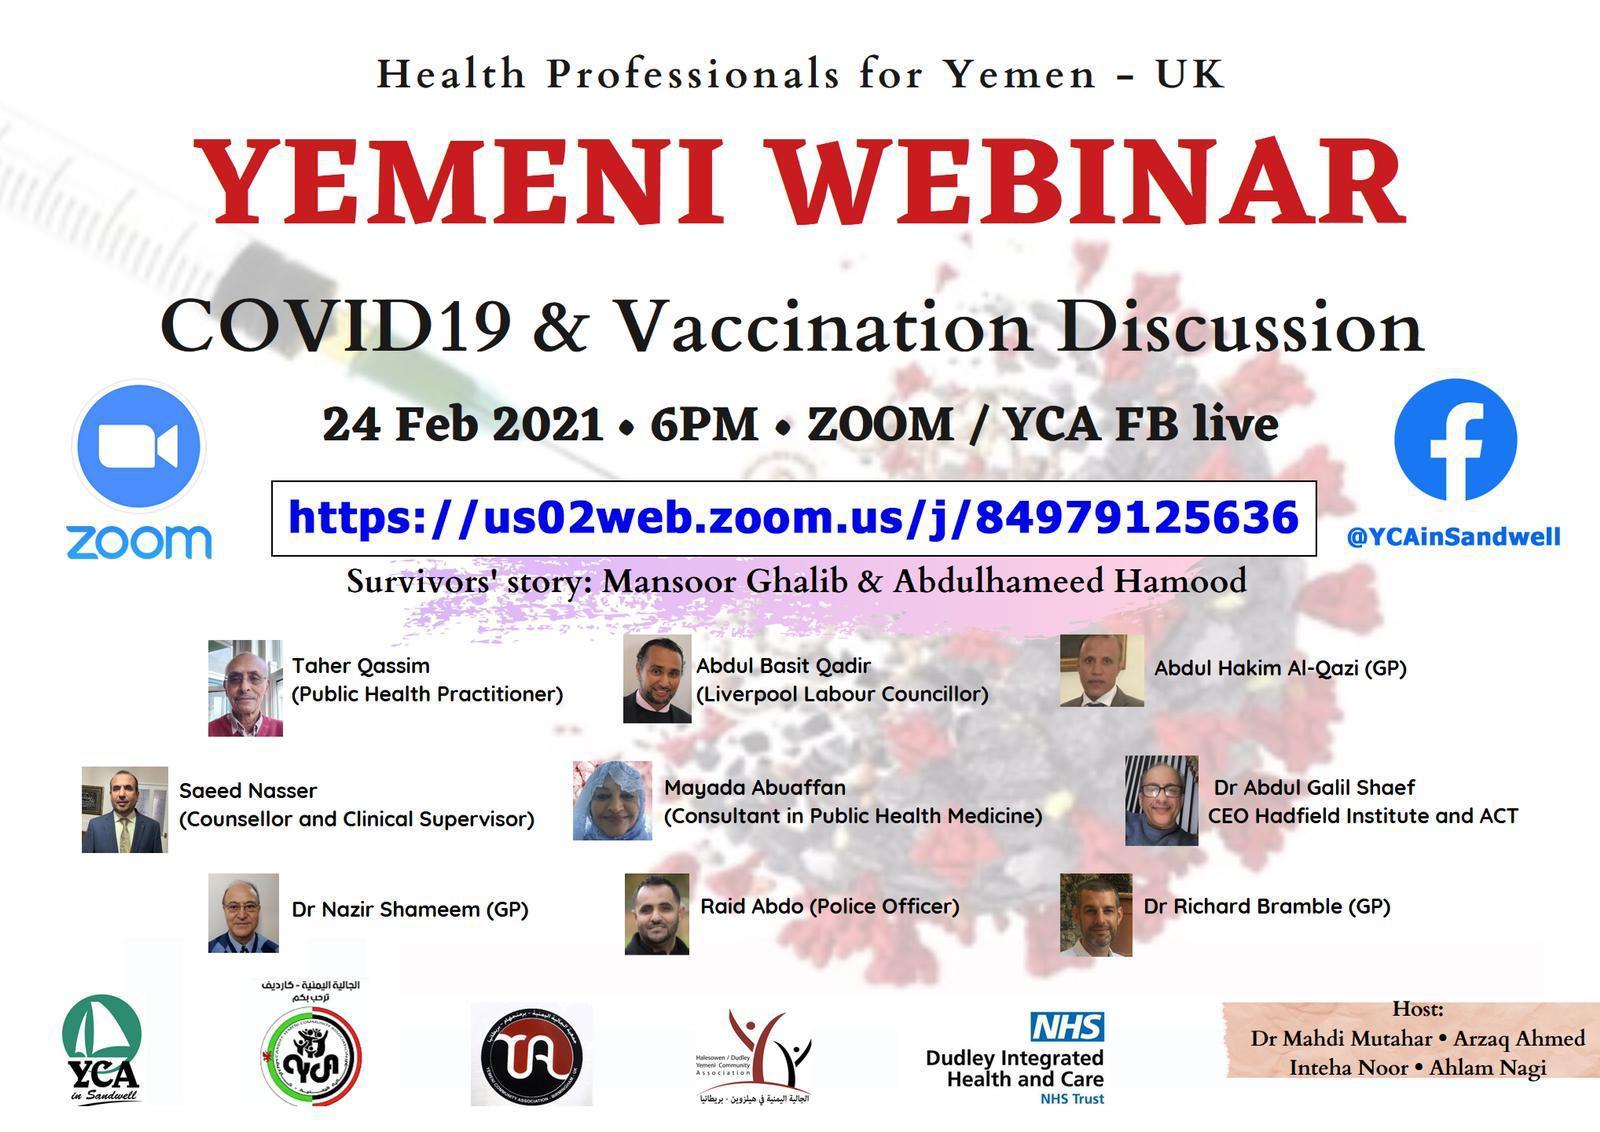 الجاليات اليمنية في بريطانيا تنظم ندوة طبية عن فيروس كورونا